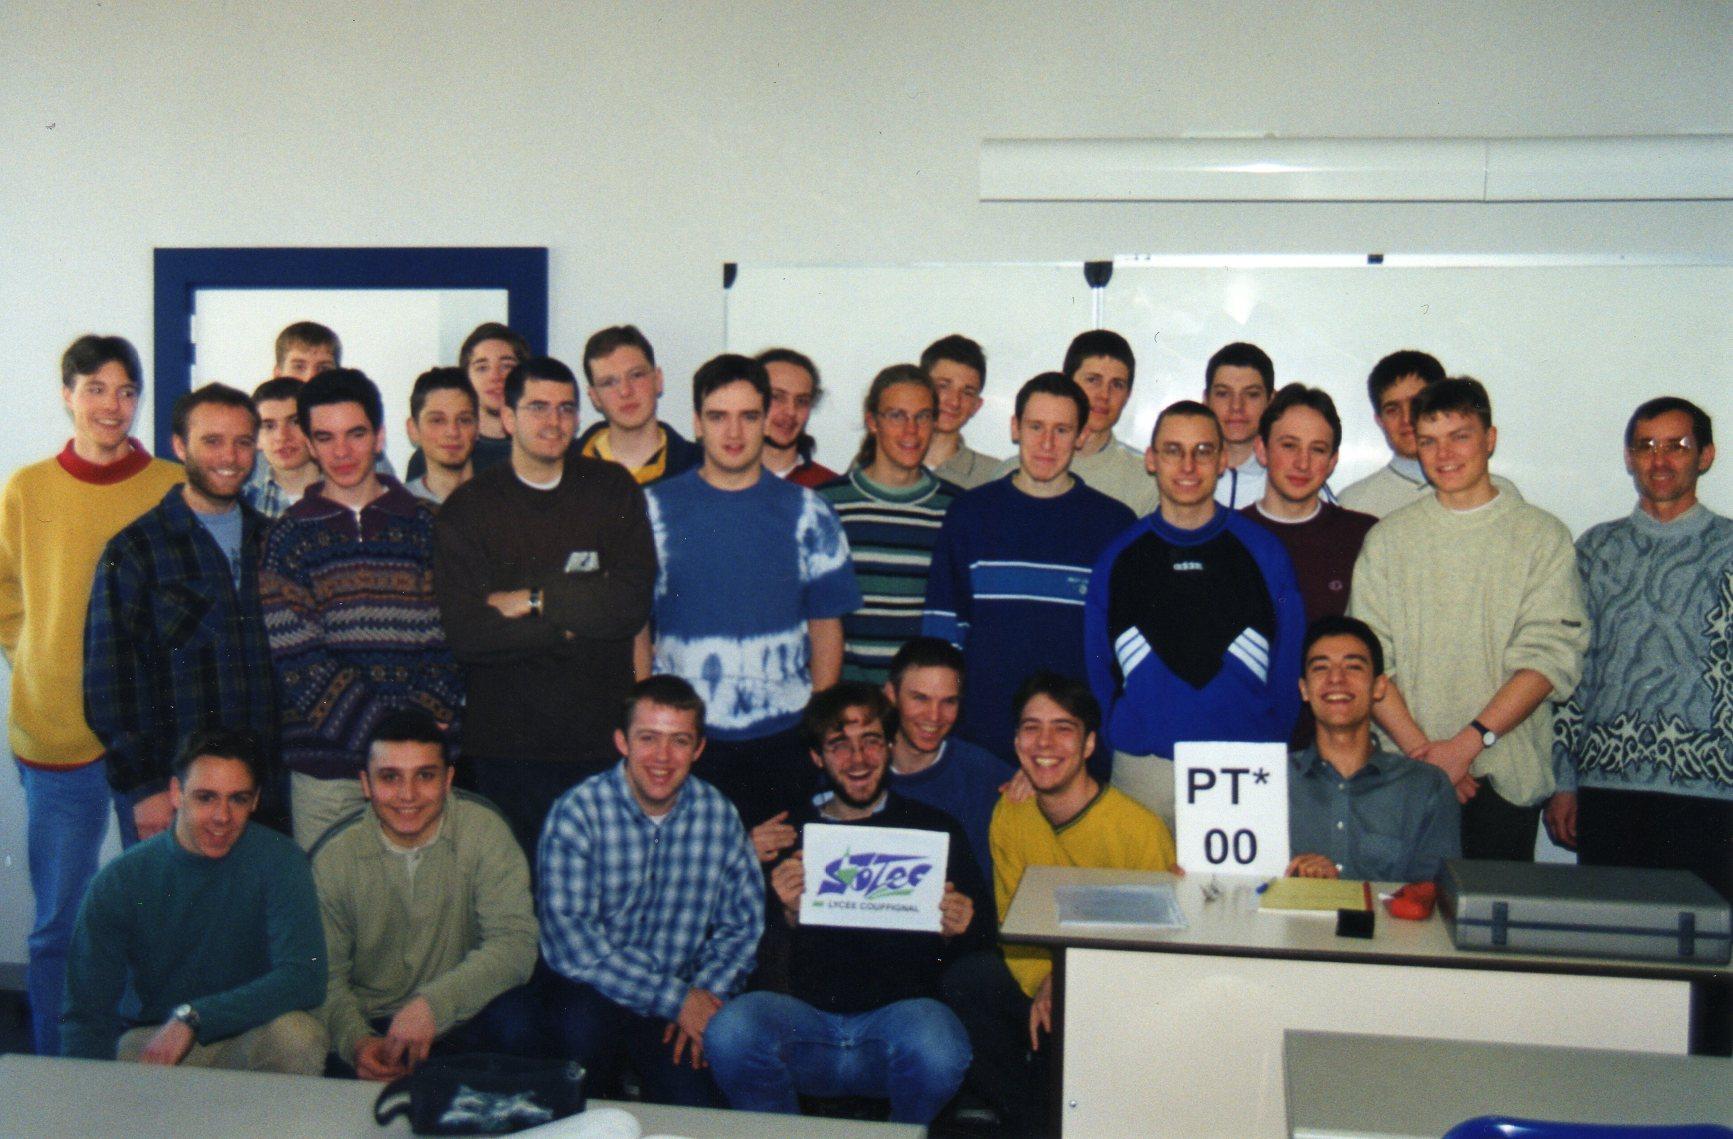 PTet00.jpg